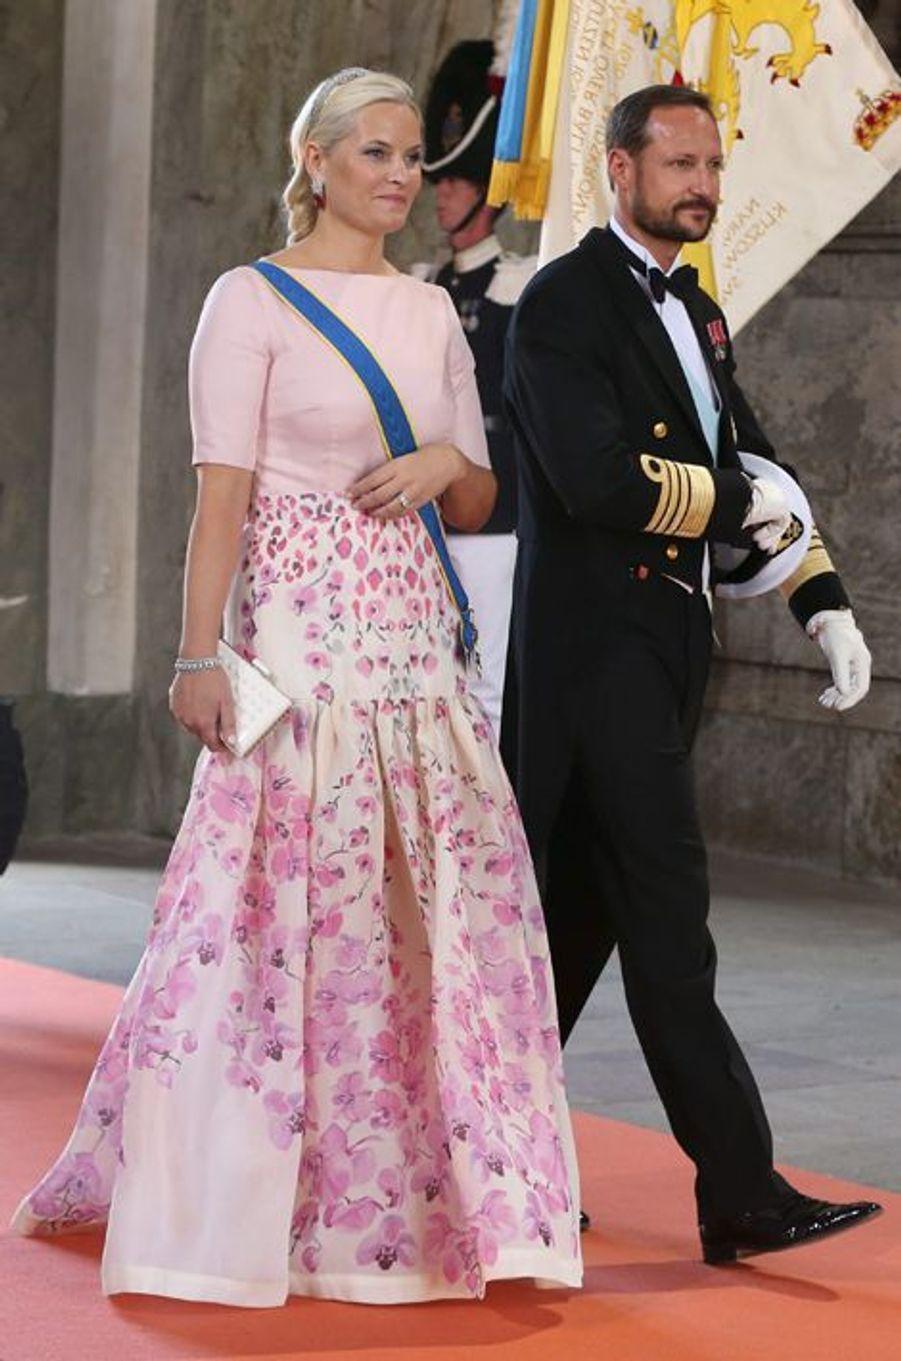 La princesse Mette-Marit de Norvège, avec son mari le prince Haakon, à Stockholm, le 13 juin 2015